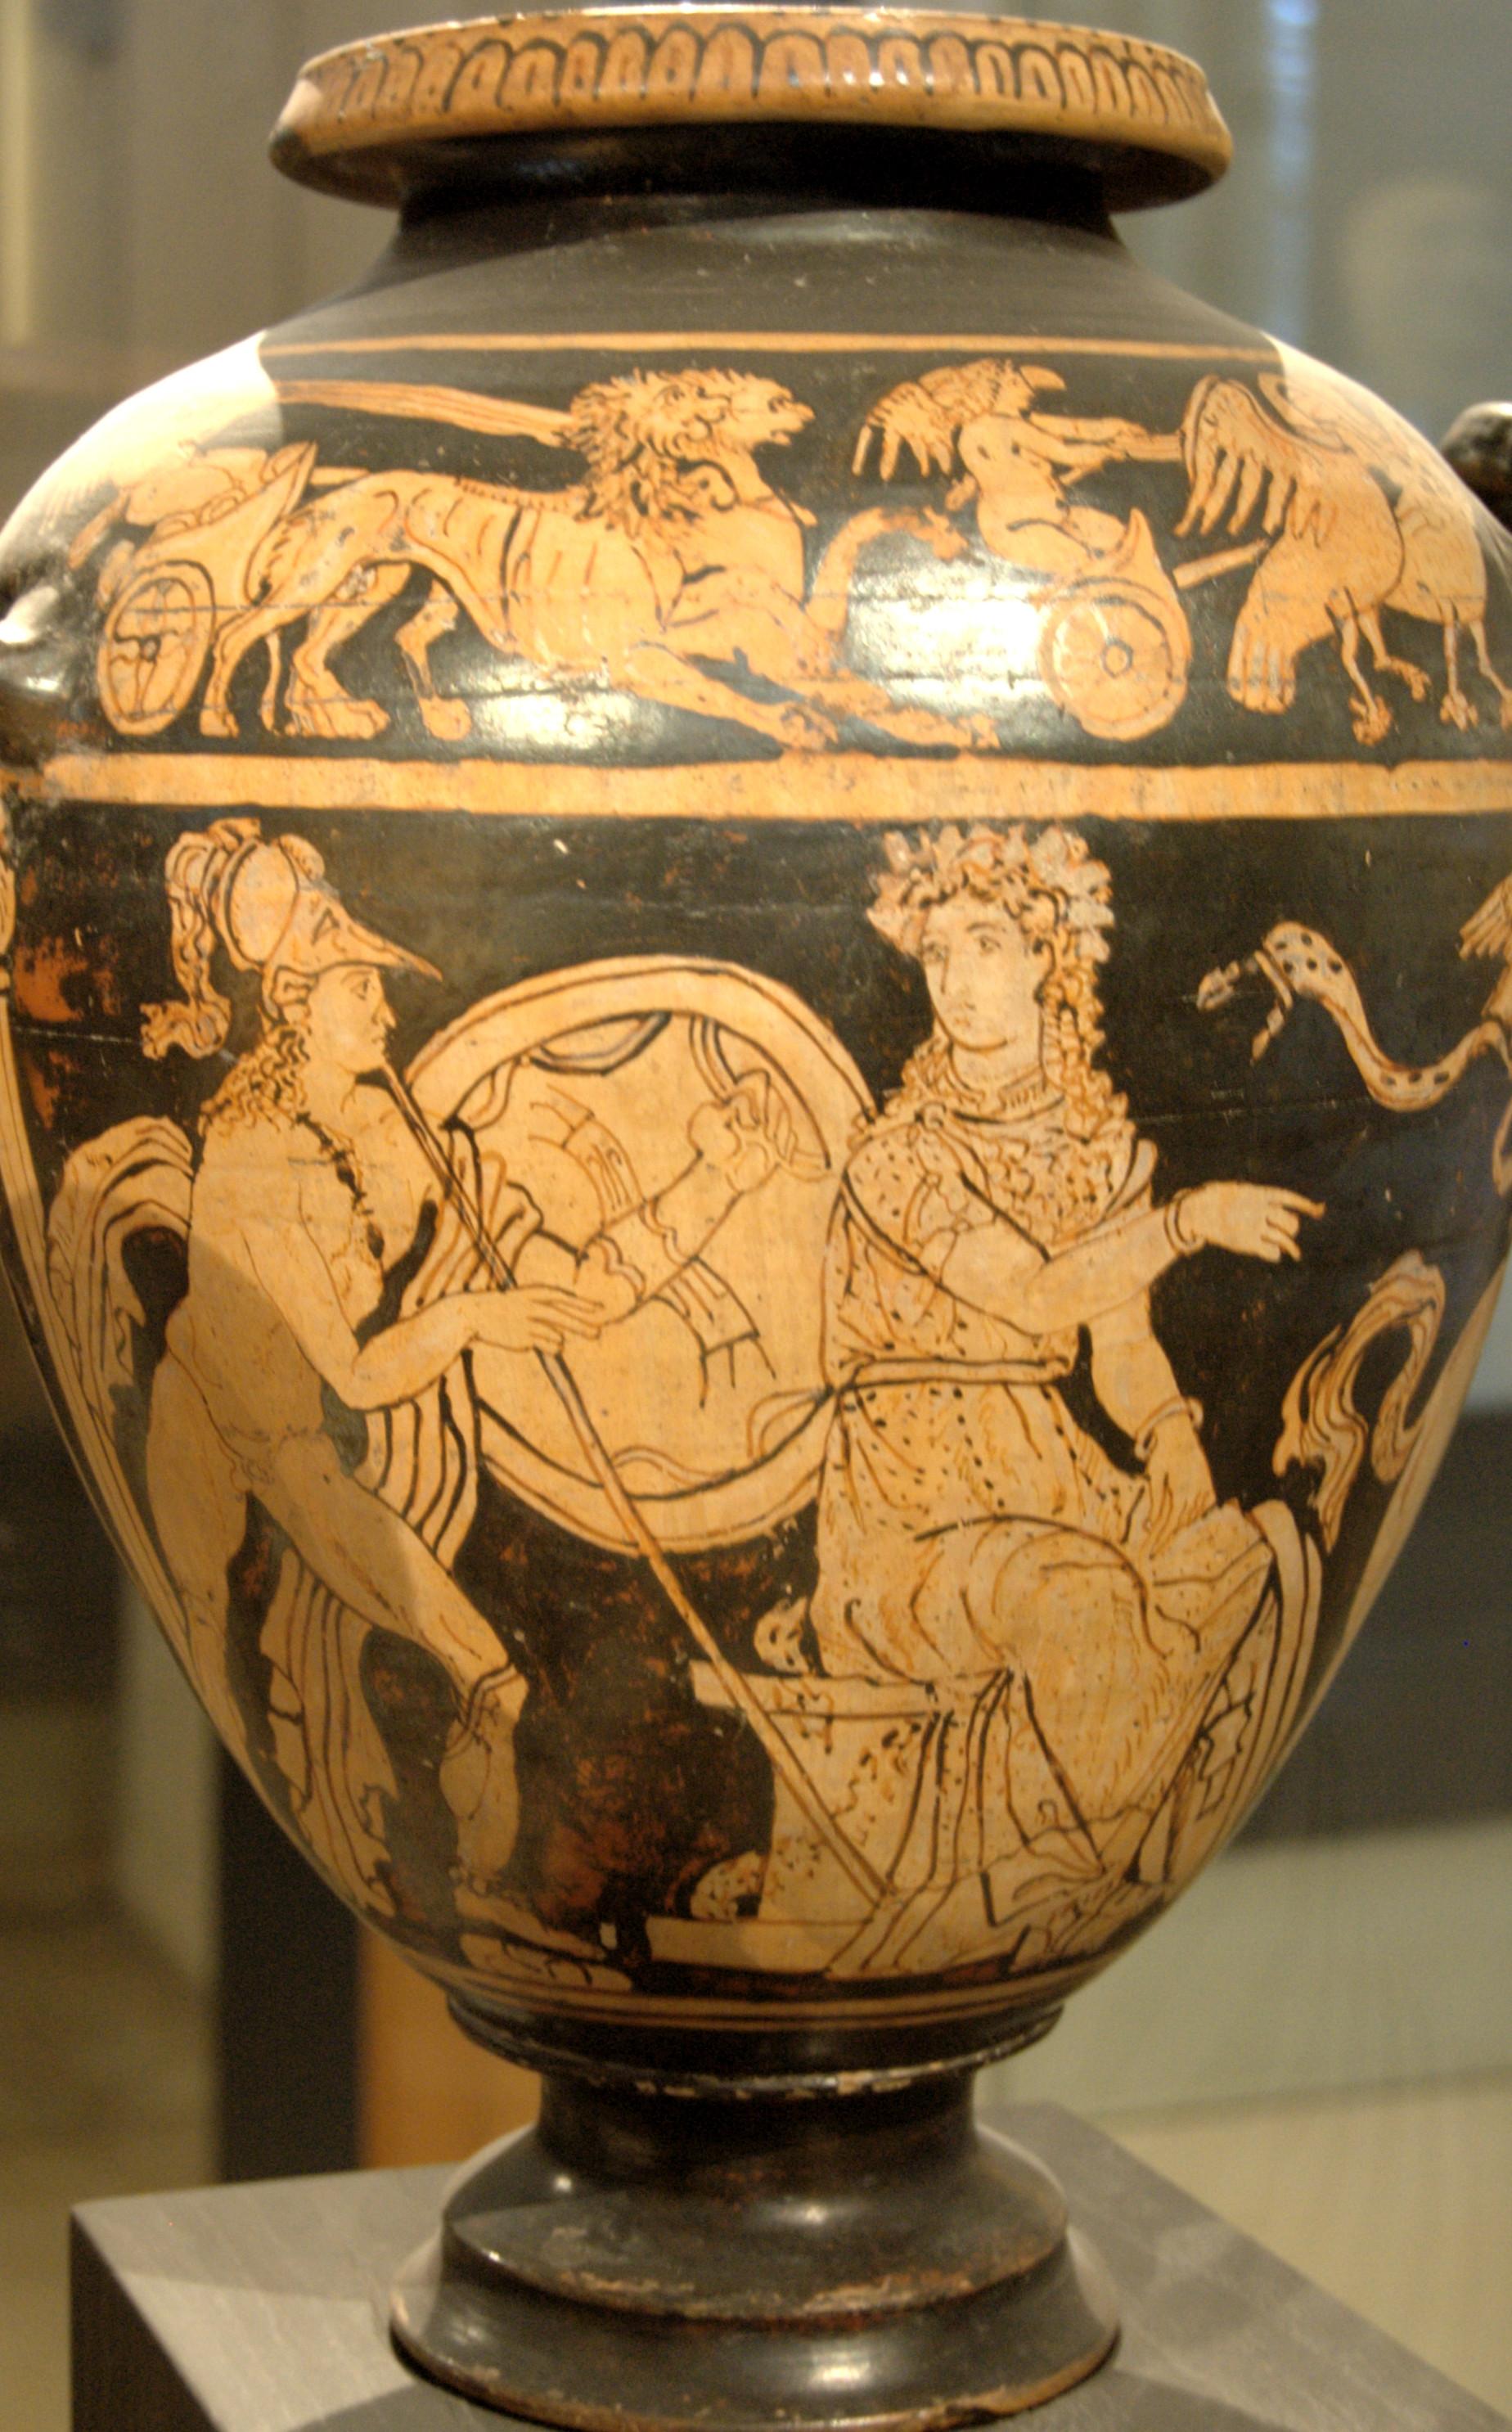 23 Fabulous Greek Vase Shapes 2021 free download greek vase shapes of evolution of pottery part 2 evolution of pottery part 2 within akhilleus athena louvre ca6529